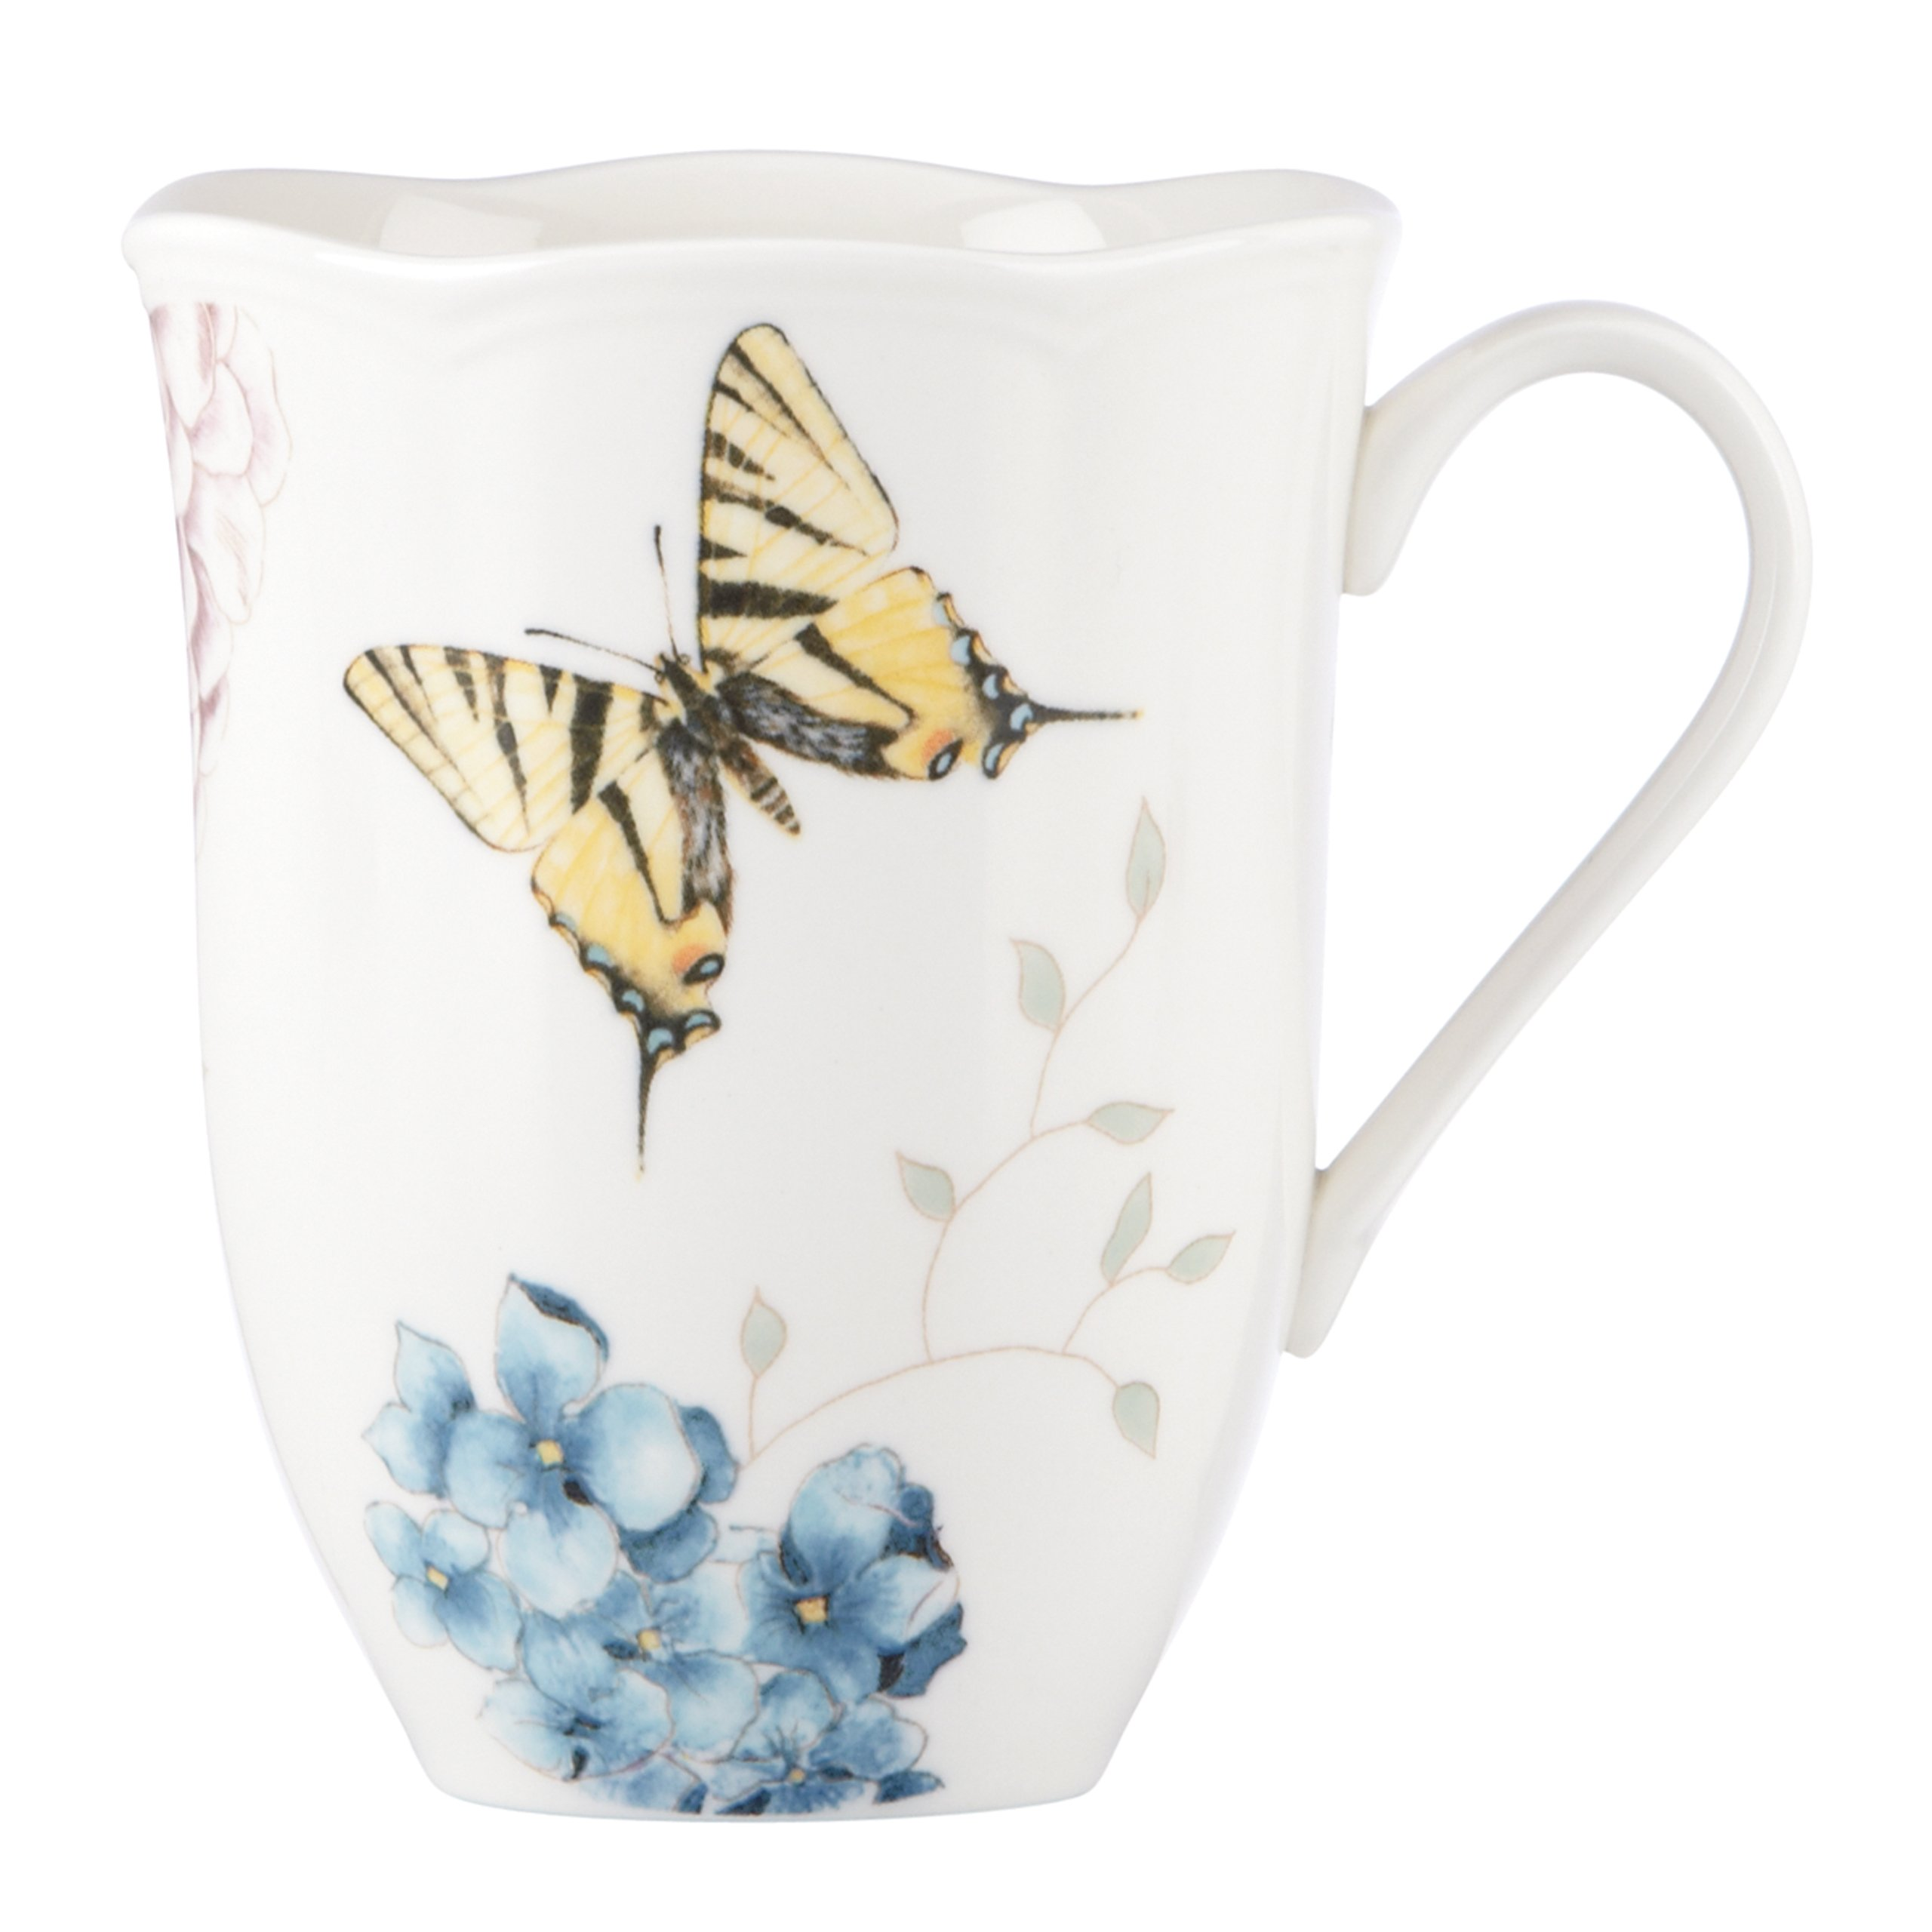 Lenox Butterfly Meadow Hydrangea Mug, 0.4 LB, Multi